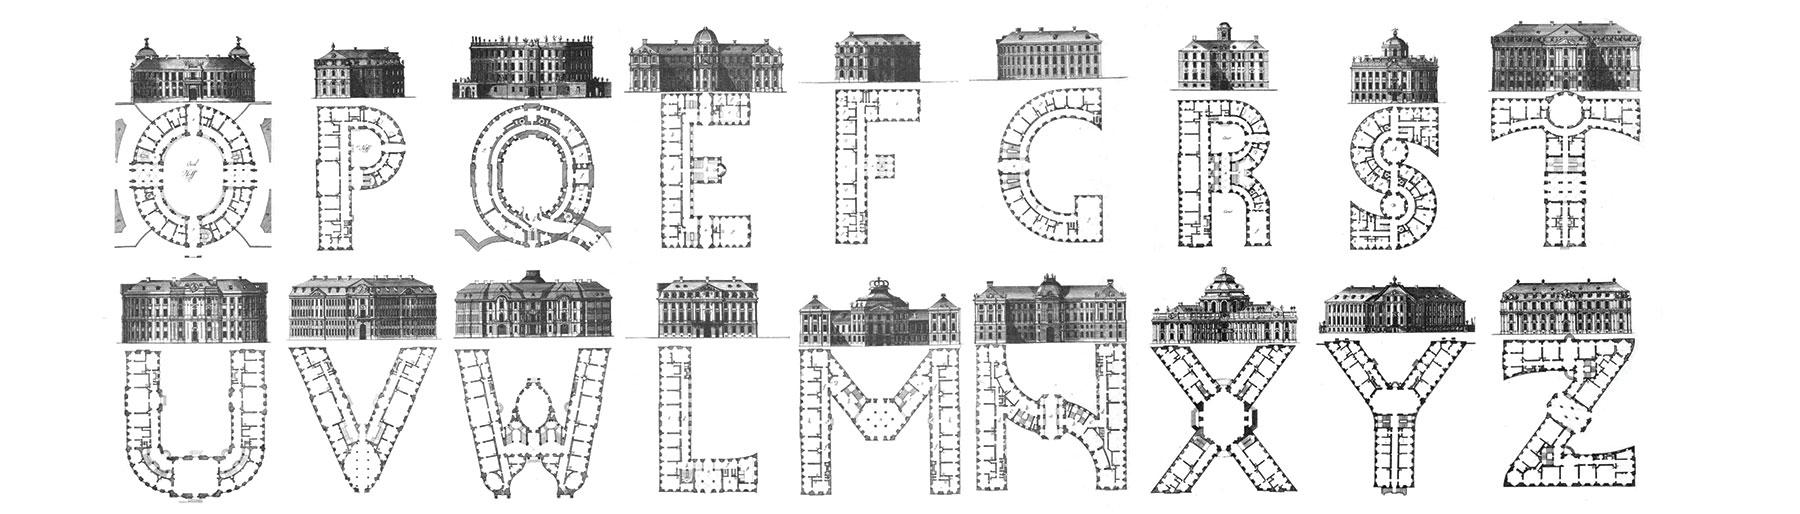 Architectural-alphabet-Johann-David-Steingruber-1773-02